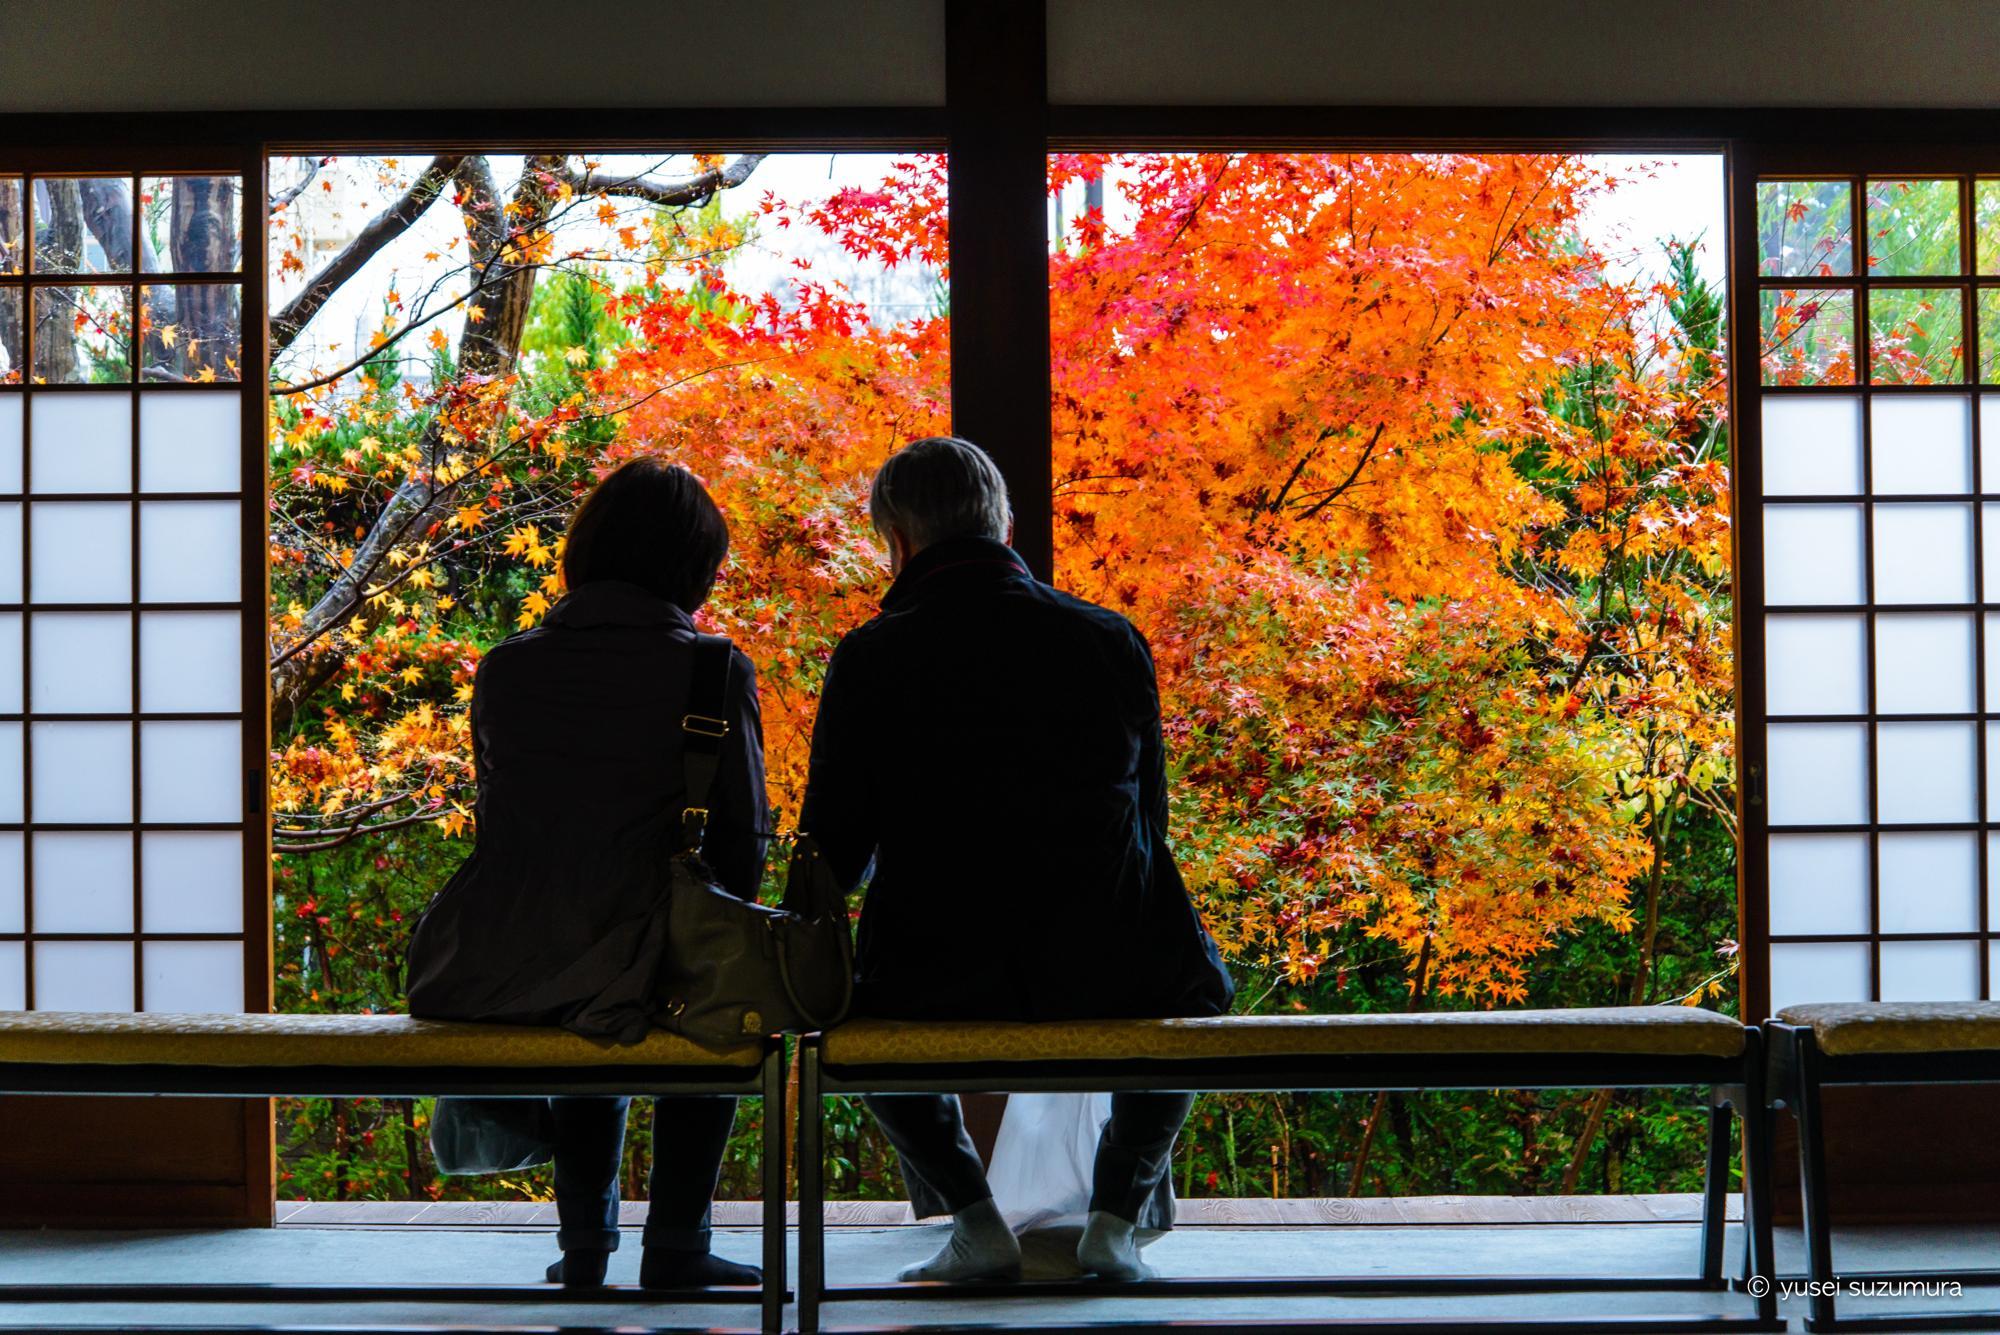 そうだ、京都行こうの源光庵に行ってきた。12月から写真撮影解禁!